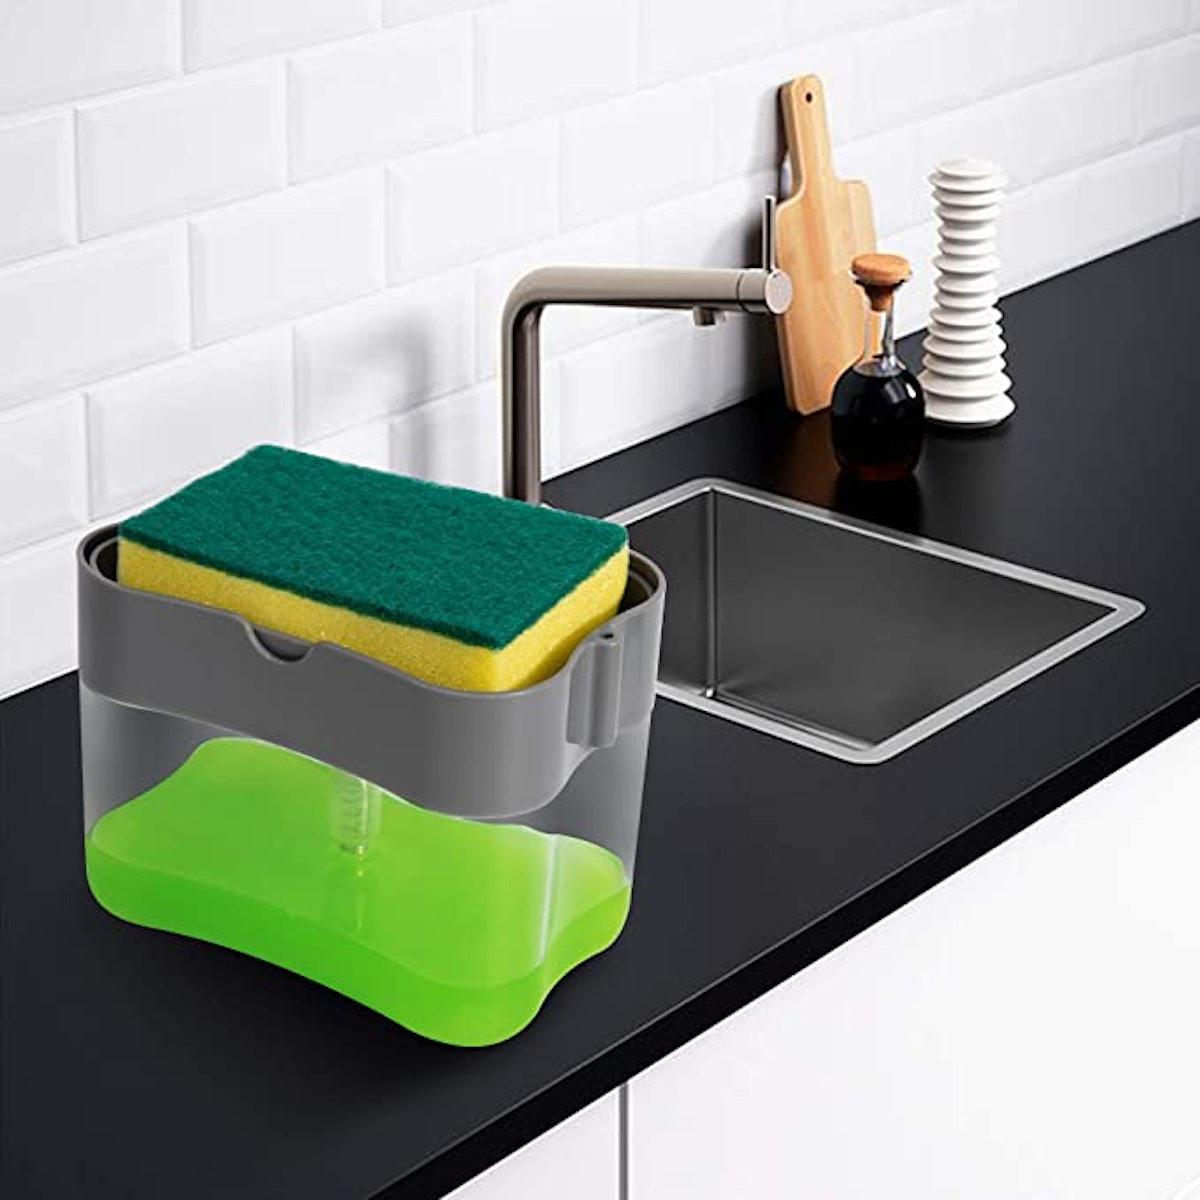 OYREL Soap Pump Dispenser and Holder